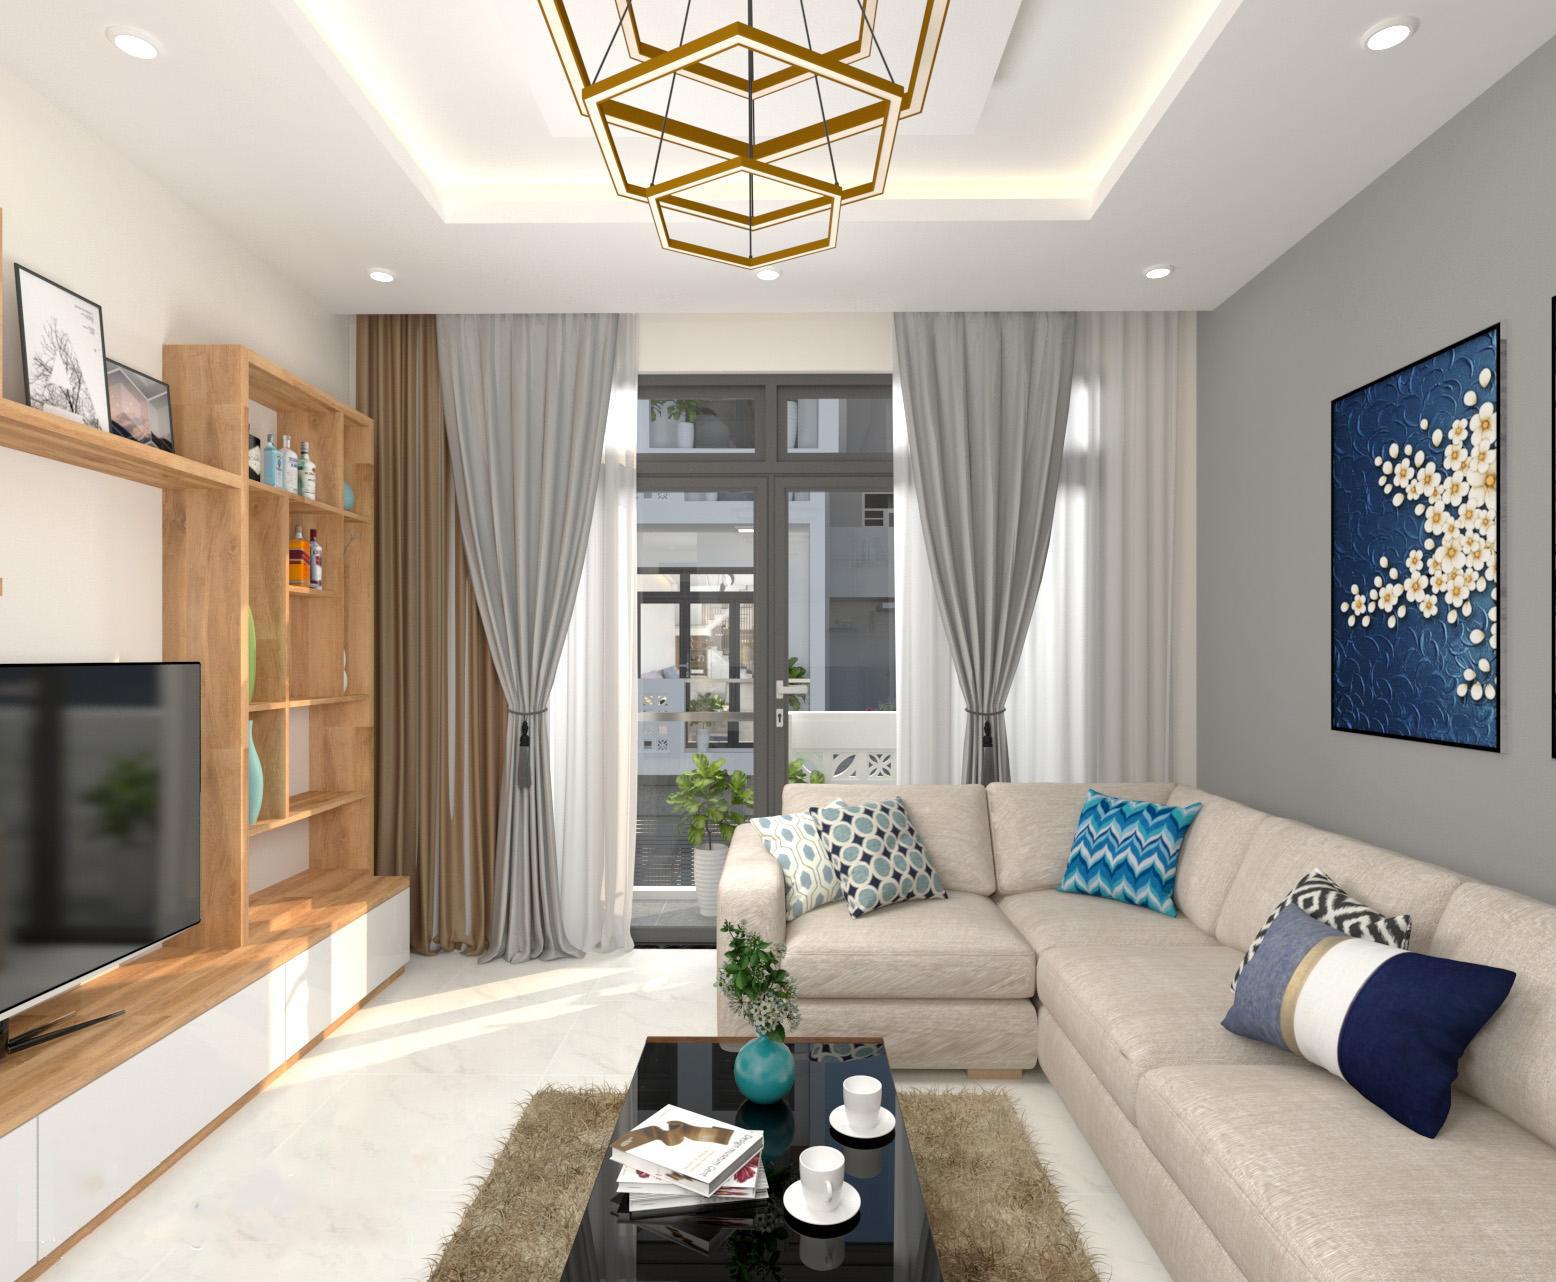 Phòng khách có sofa, rèm cửa, đèn chùm, ti vi